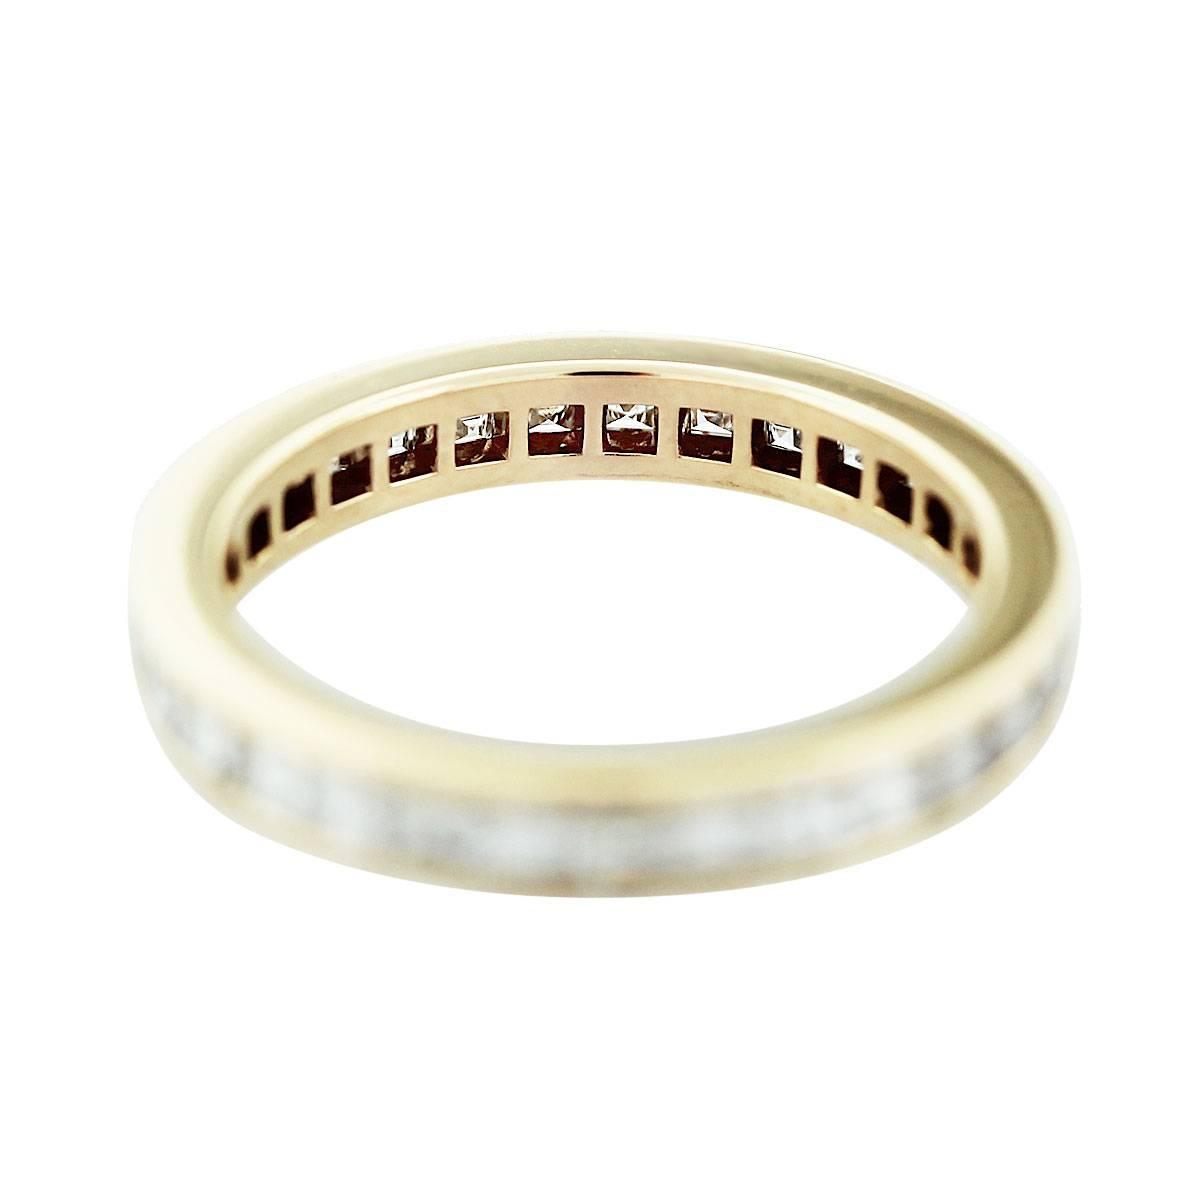 Cartier 18k Yellow Gold Asscher Cut Diamond Wedding Band Throughout Cartier Wedding Bands (View 9 of 15)